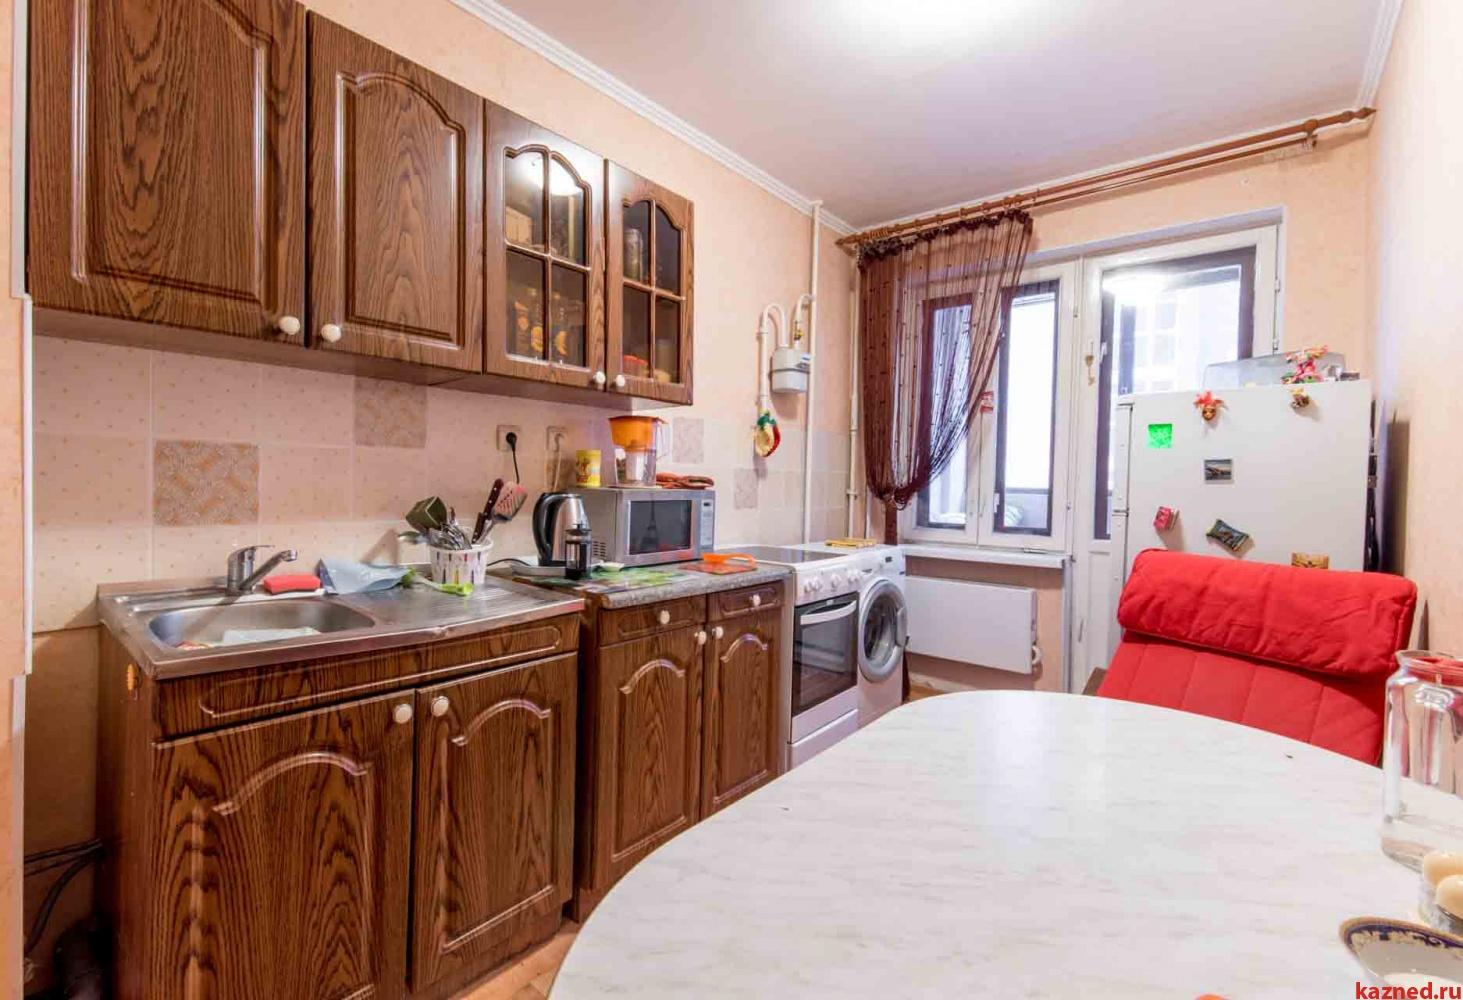 Продажа 1-к квартиры ул.Волочаевская д.6, 38 м²  (миниатюра №6)